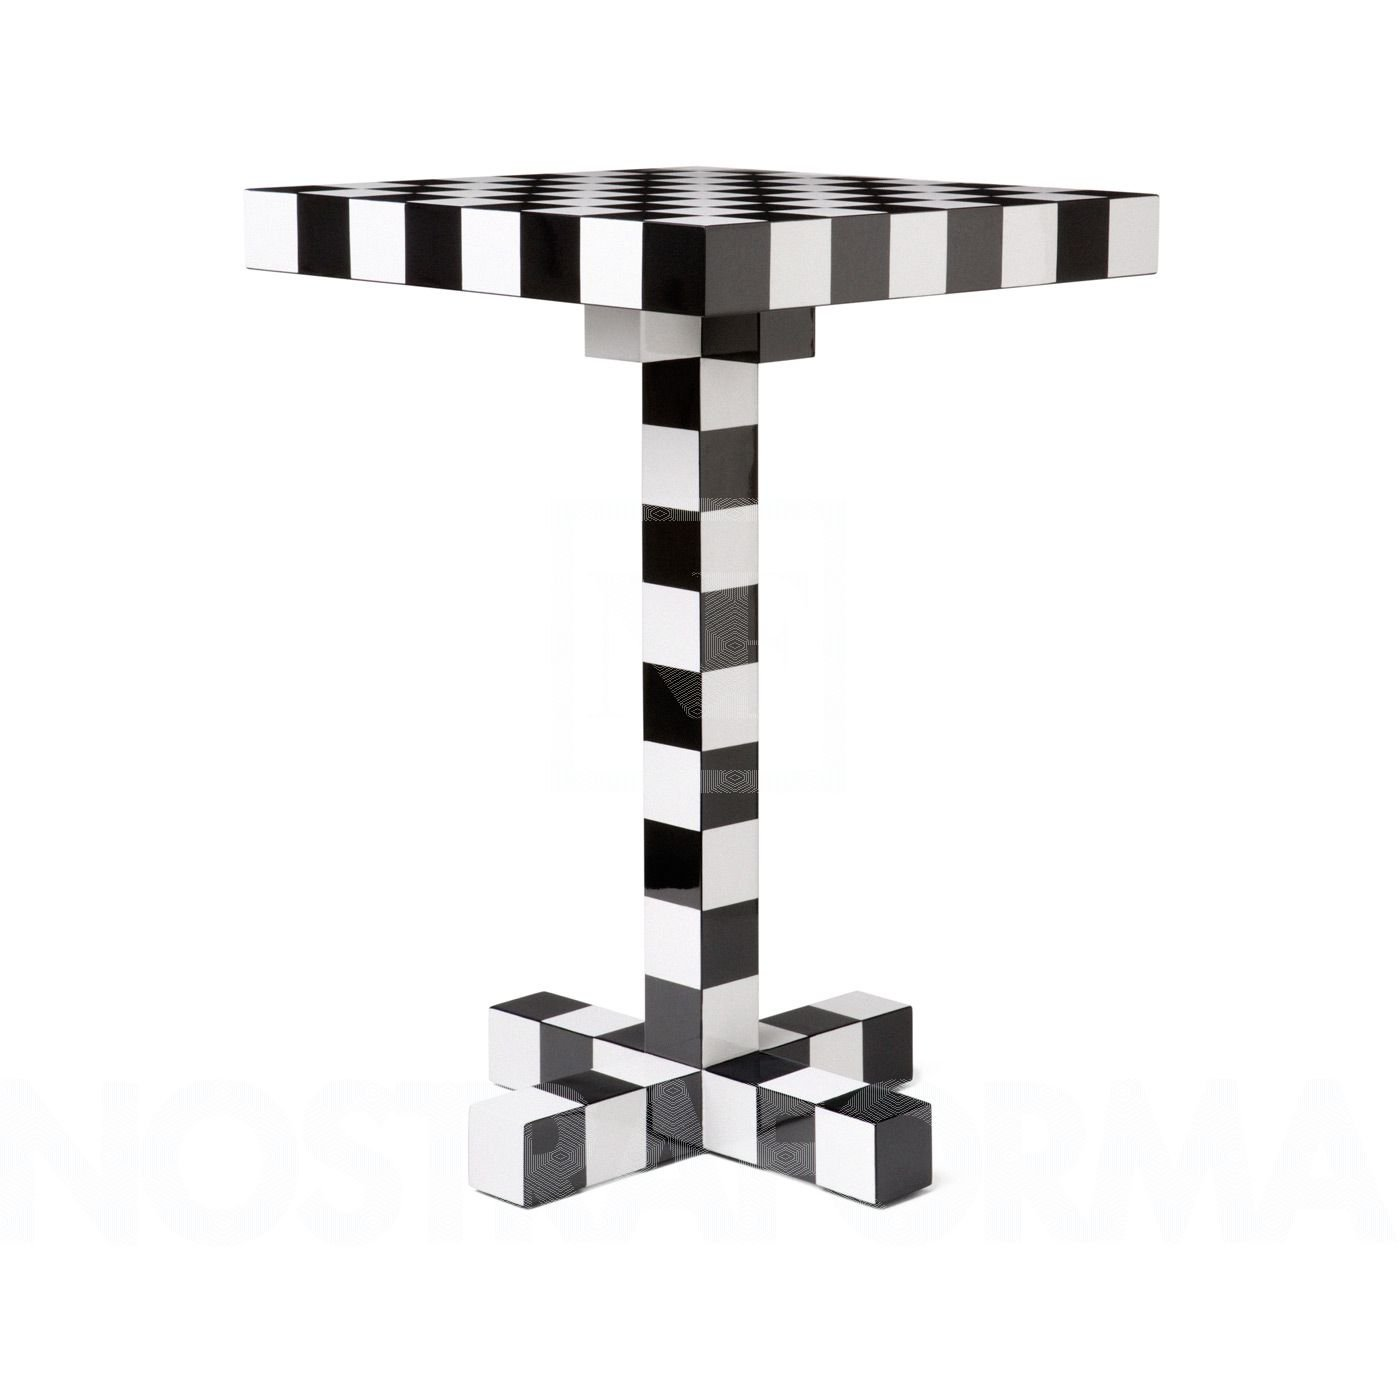 Moooi Chess Tisch, schwarz weiß 40x40x60cm